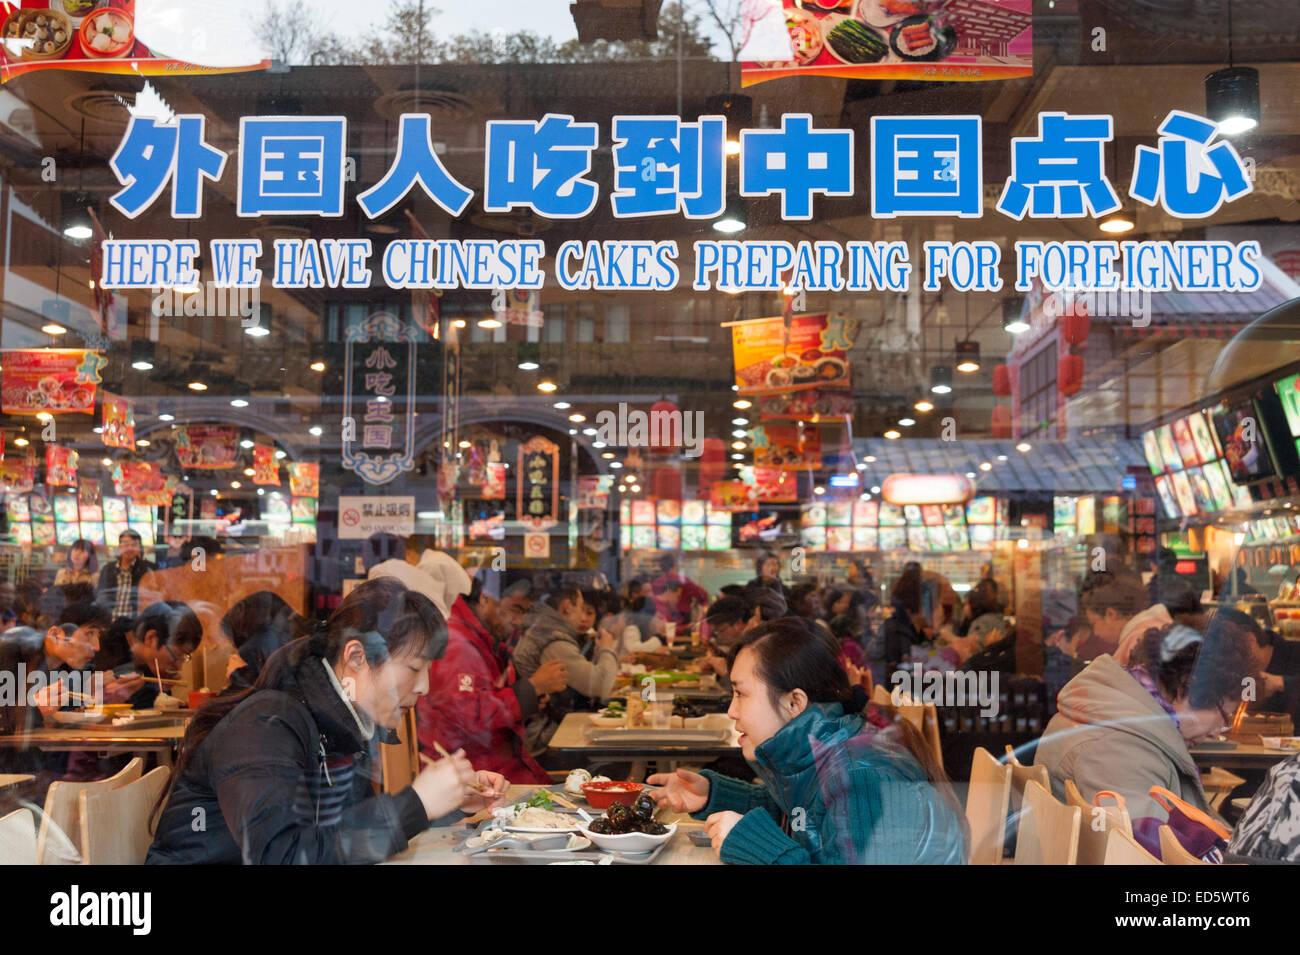 Chinglish sign in restaurant window, Shanghai, China - Stock Image